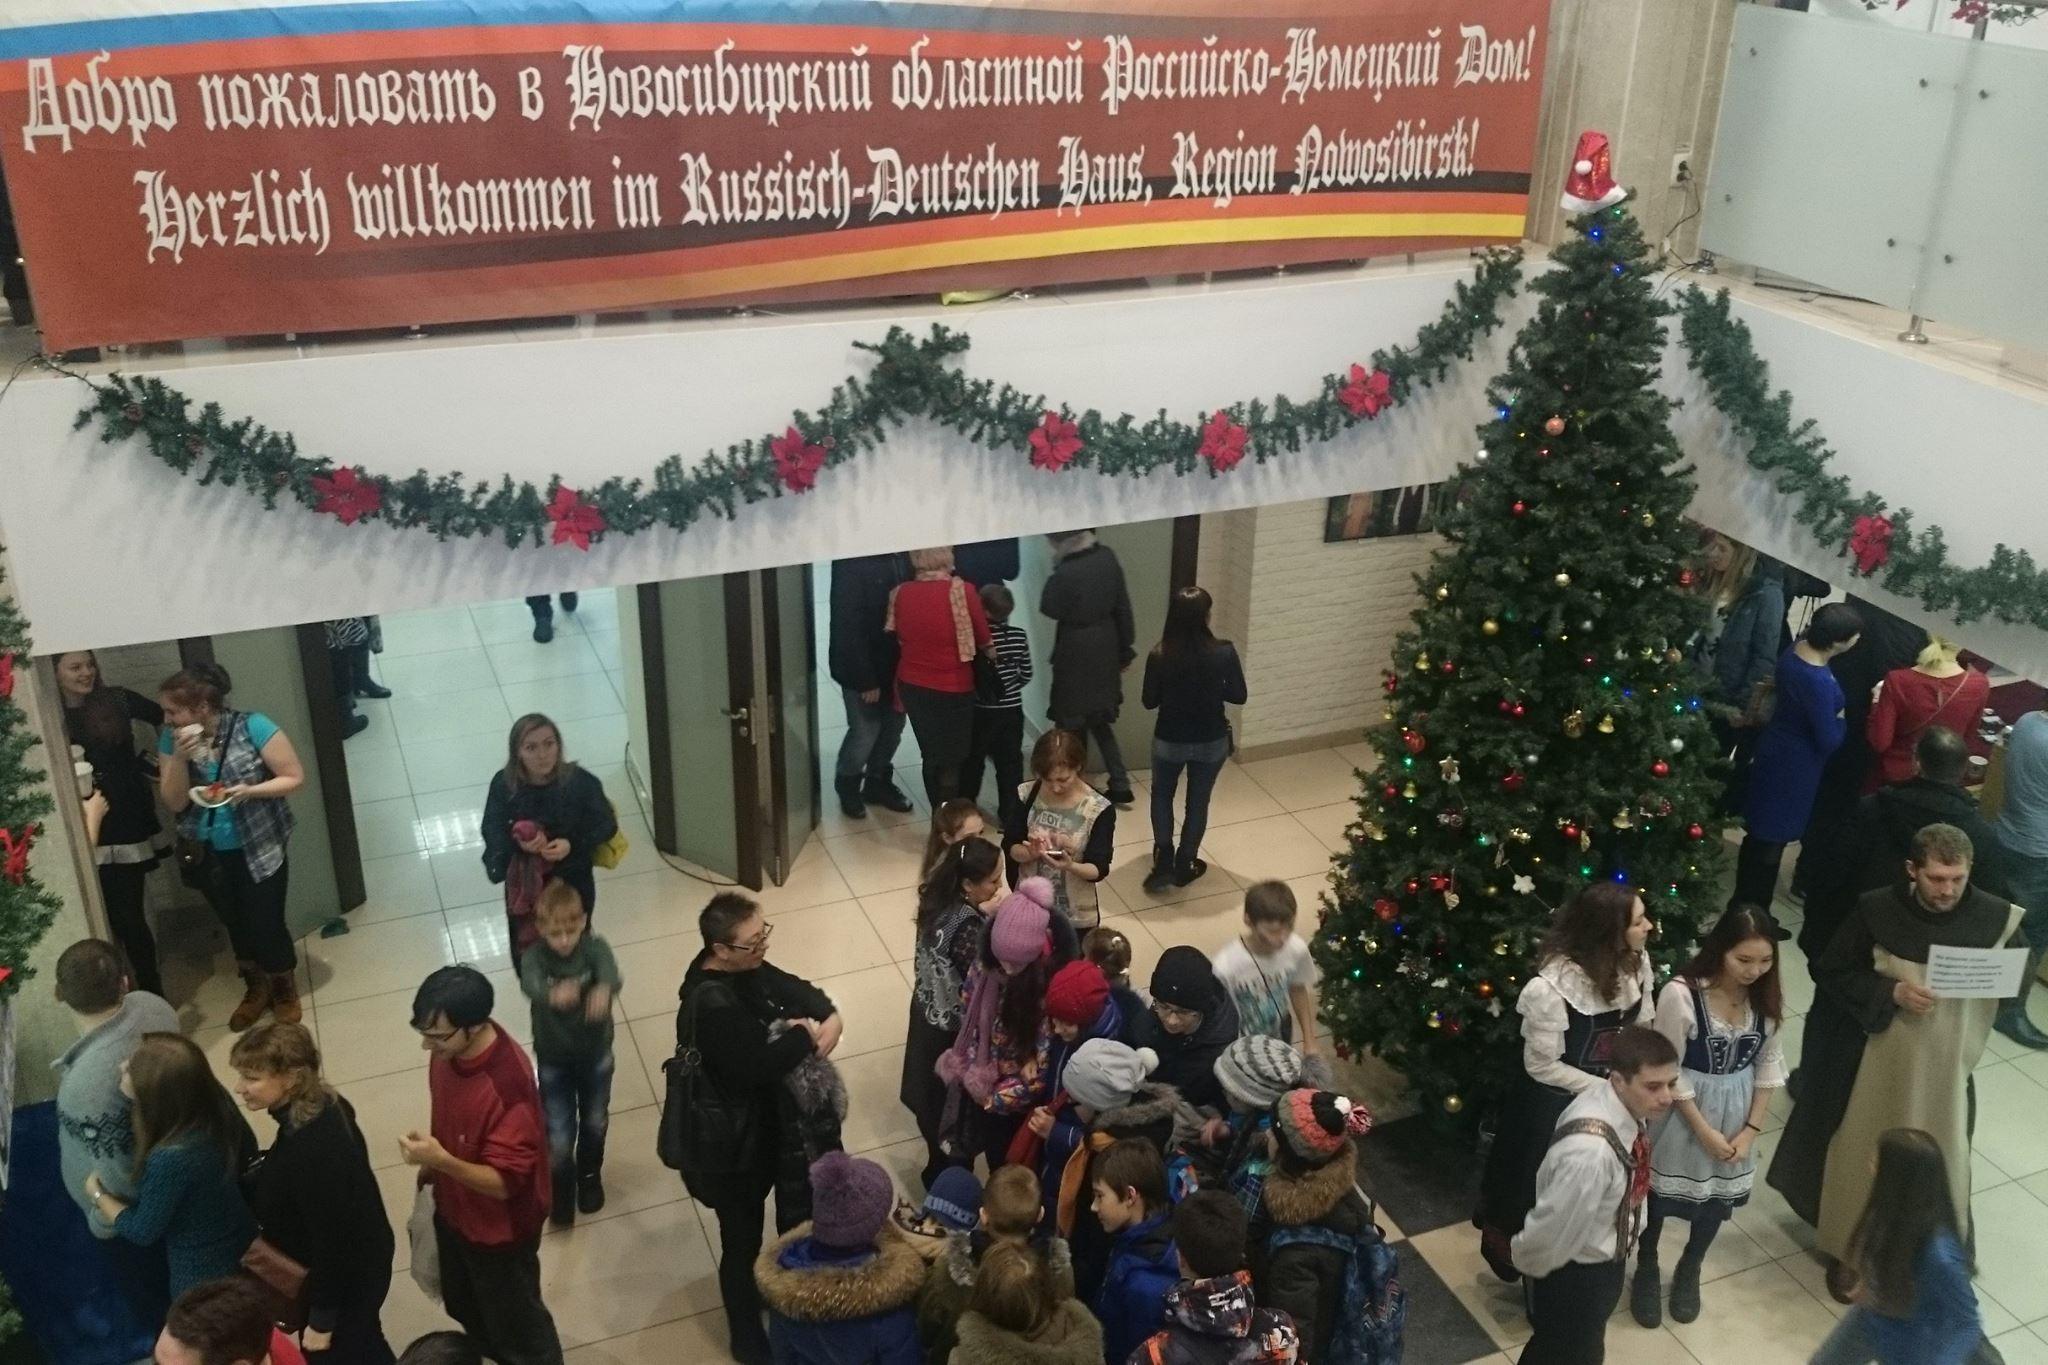 Рождественский базар в Российско-немецком Доме в Новосибирске